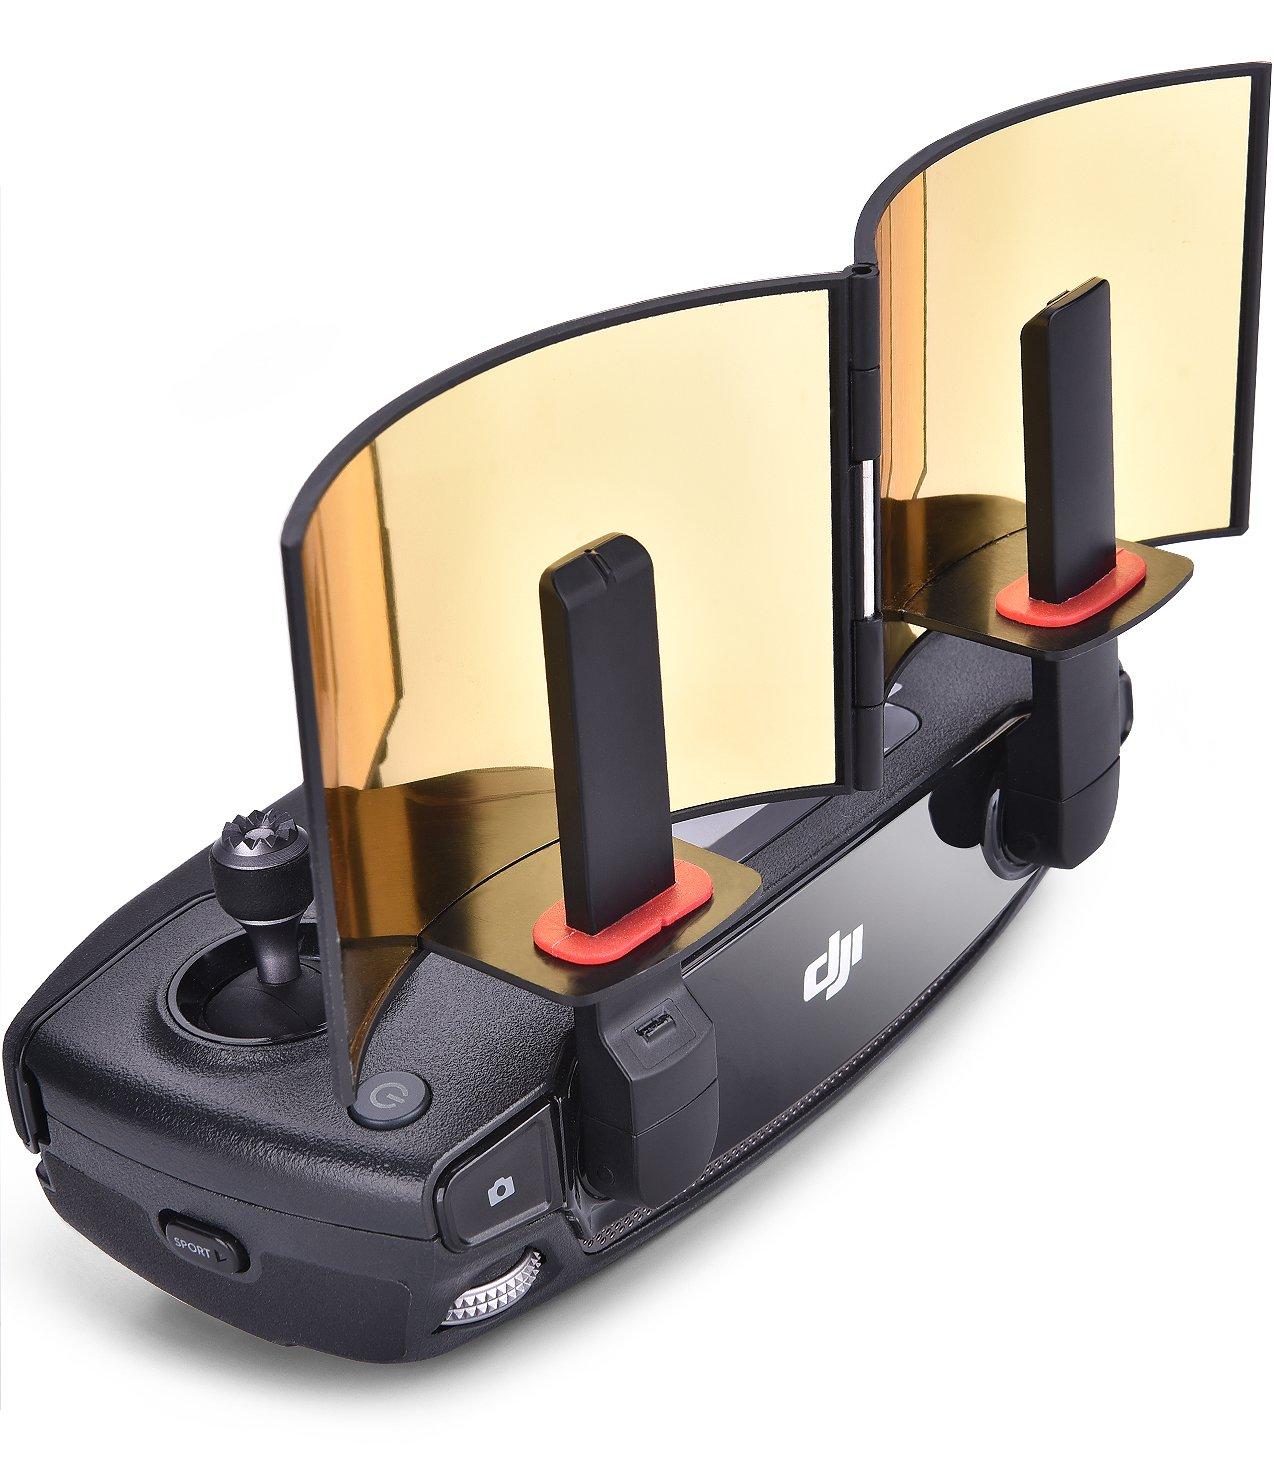 Tozo Para Dji Mavic Air / Mavic Pro / Spark Accesorios Antena Rango De Señal Amplificador Controlador Plegable Paraboli